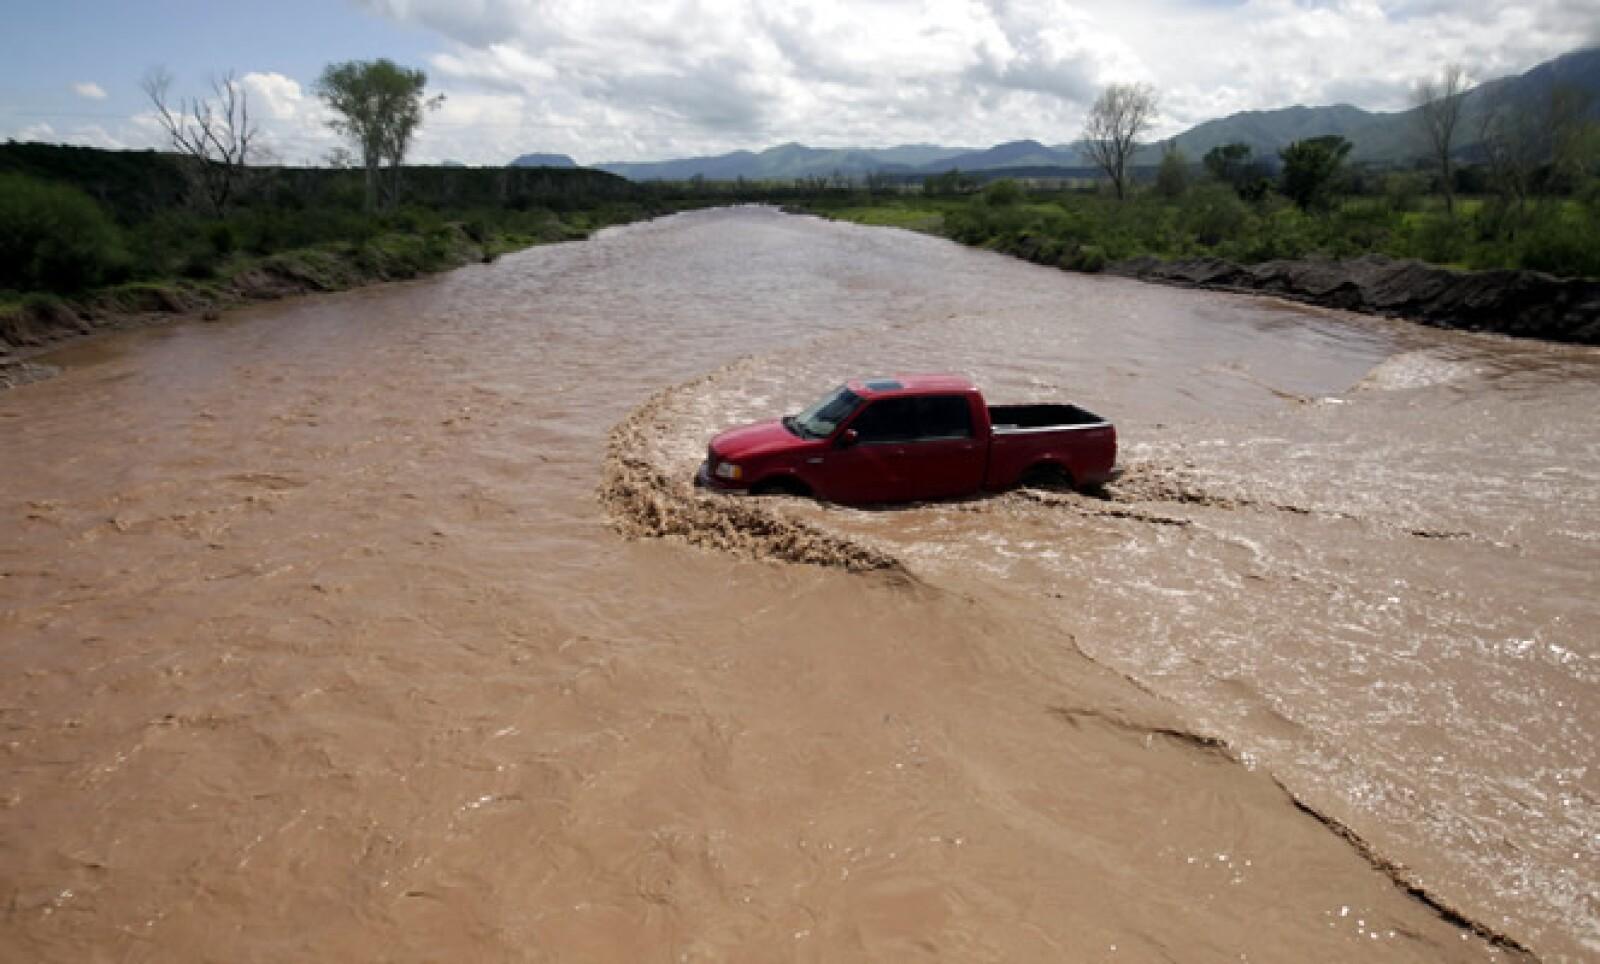 La minera Buenavista del Cobre, propiedad de GMéxico, derramó 40,000 metros cúbicos de sulfato de cobre acidulado en el río Bacanuchi.